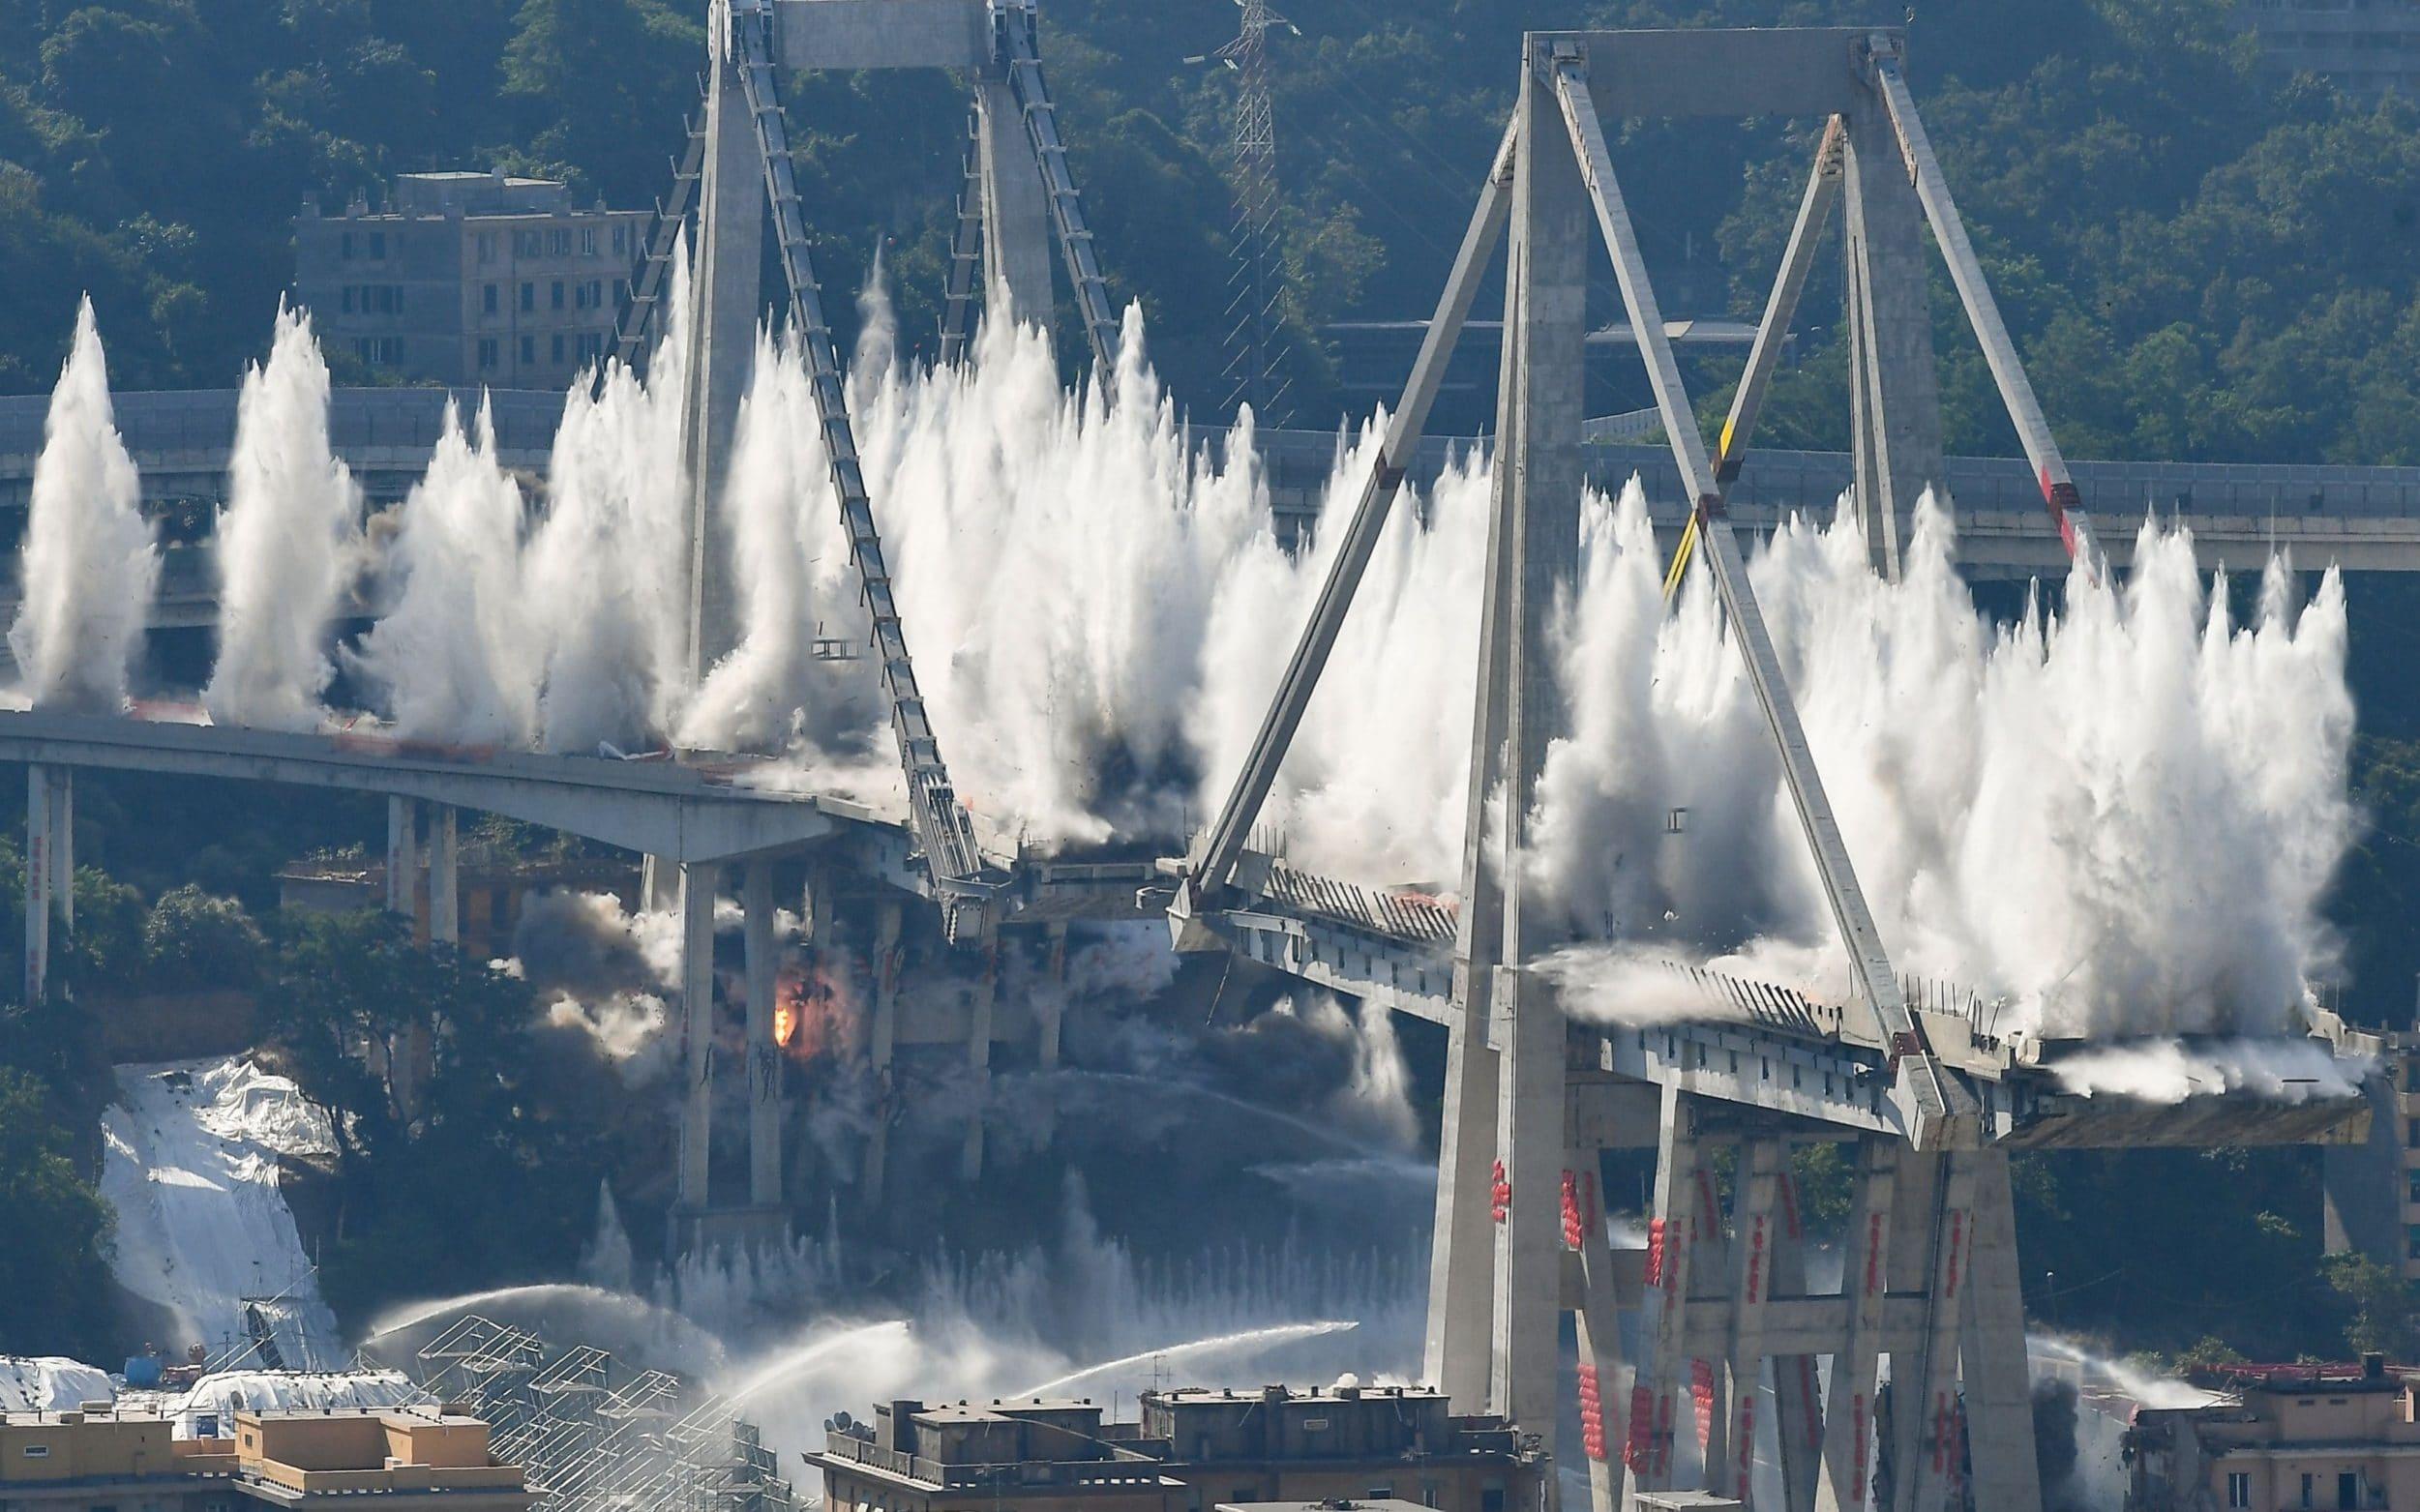 """بالفيديو/ إيطاليا تنتقم من الجسر """"الكارثي"""" بعدما تسبب بمقتل العشرات...500 كيلوغرام من المواد المتفجرة لتفجيره!"""